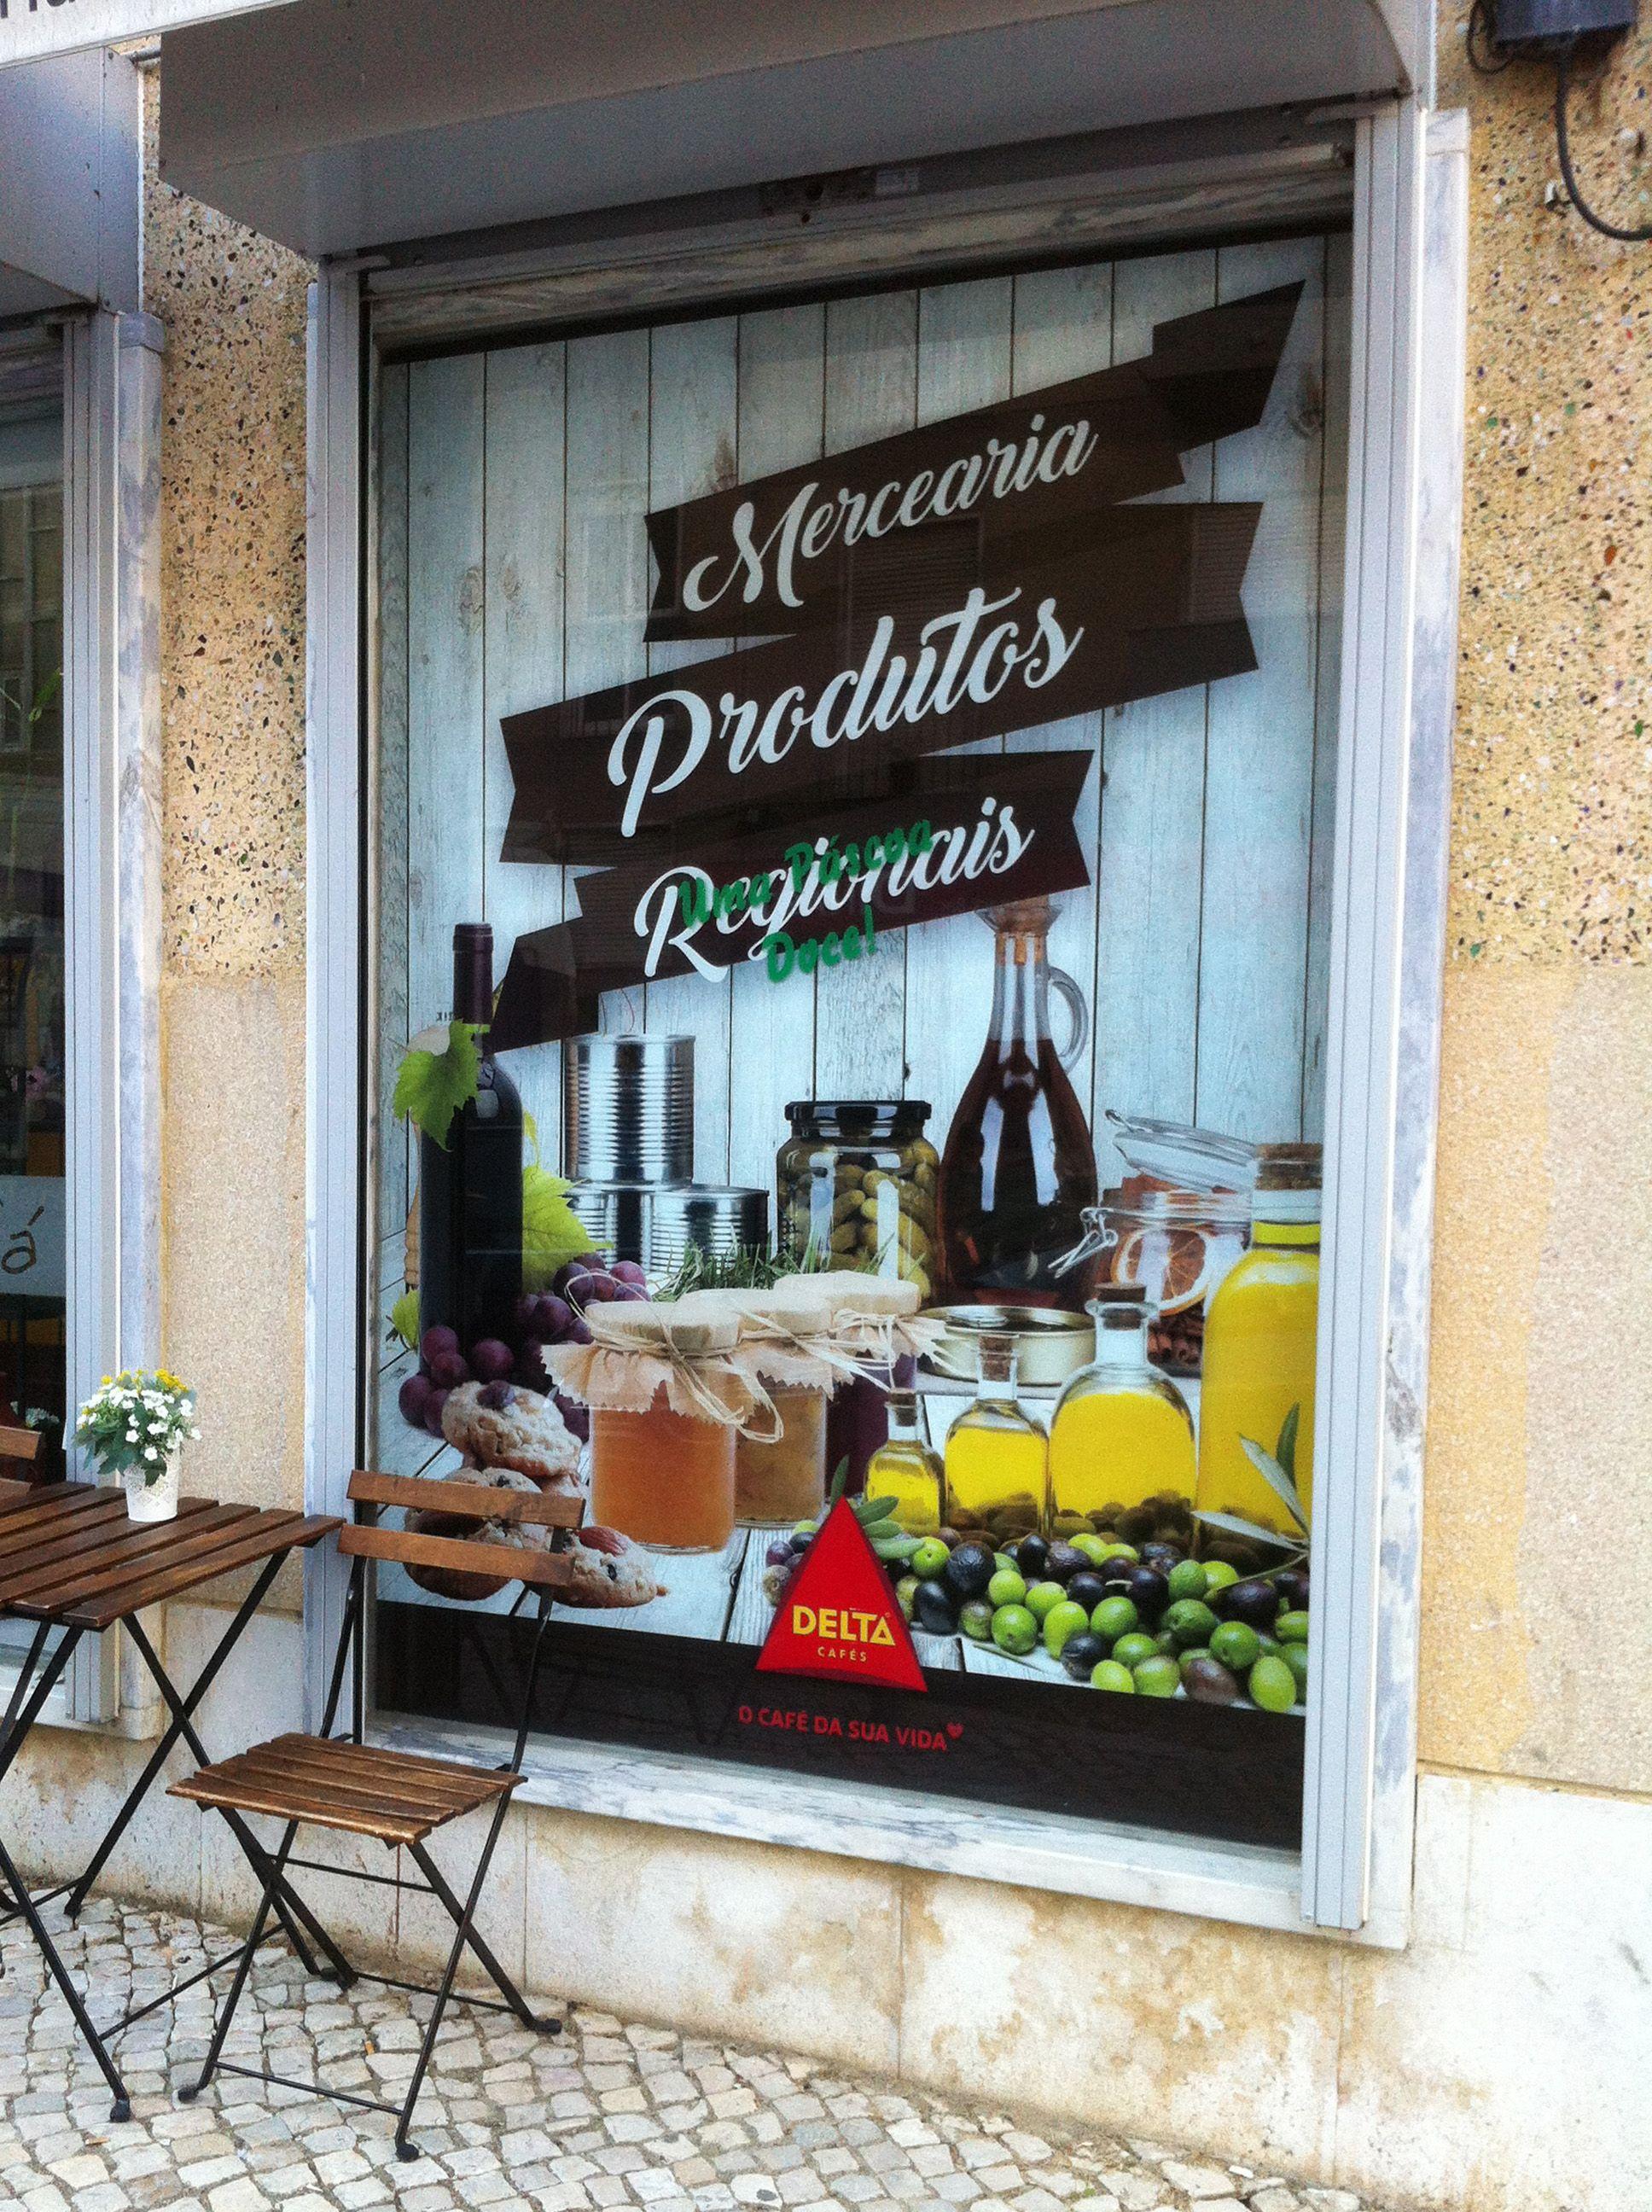 Meganuncius | Vinil de Montra | Pastelaria Docel  www.meganuncius.pt